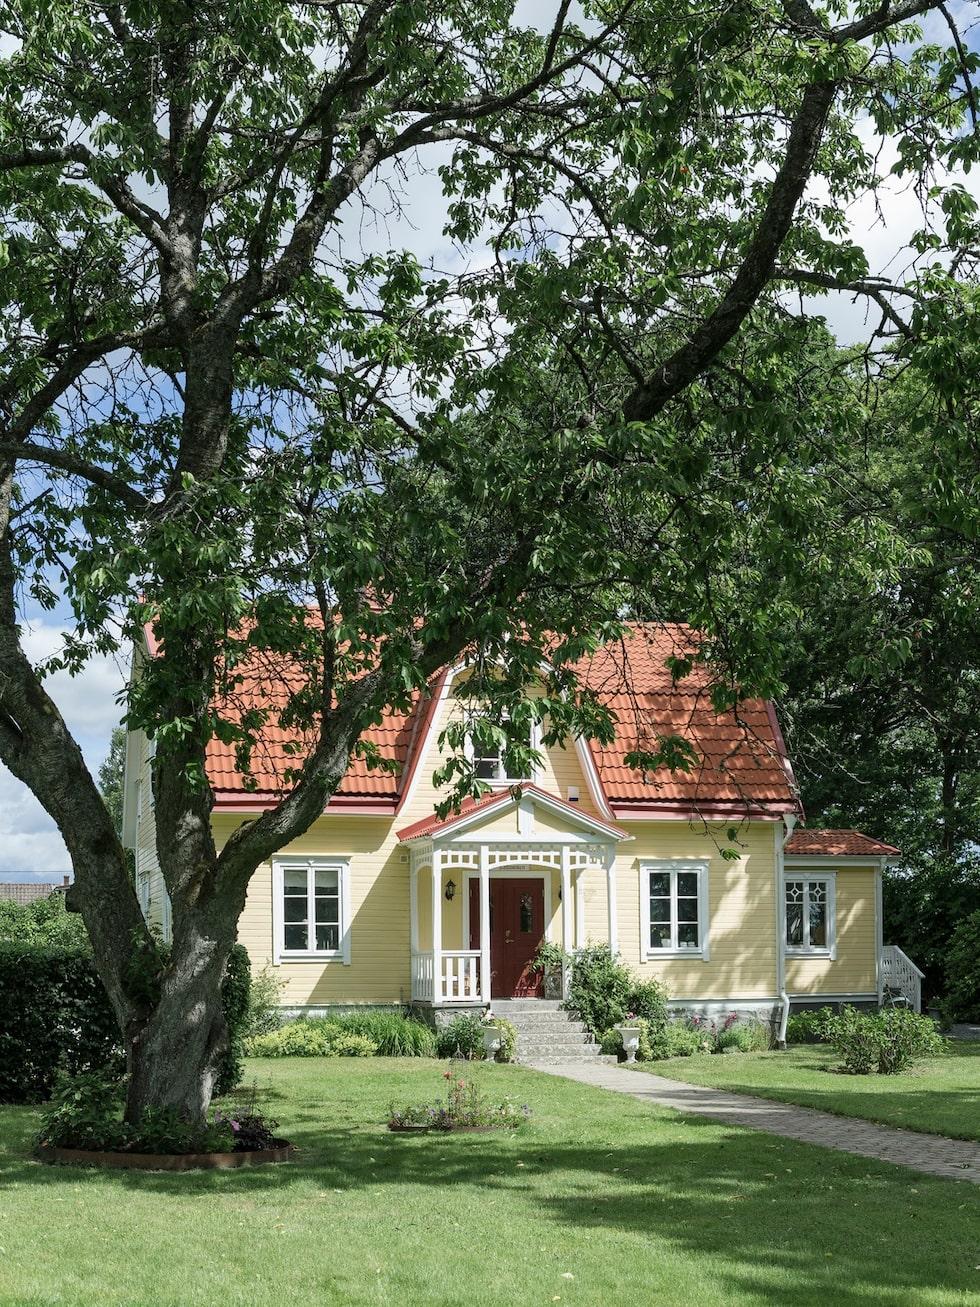 Det fina 20-talshuset är inbäddat i grönskan. Det finns många gamla fruktträd på tomten som äpple, körsbär och päron.